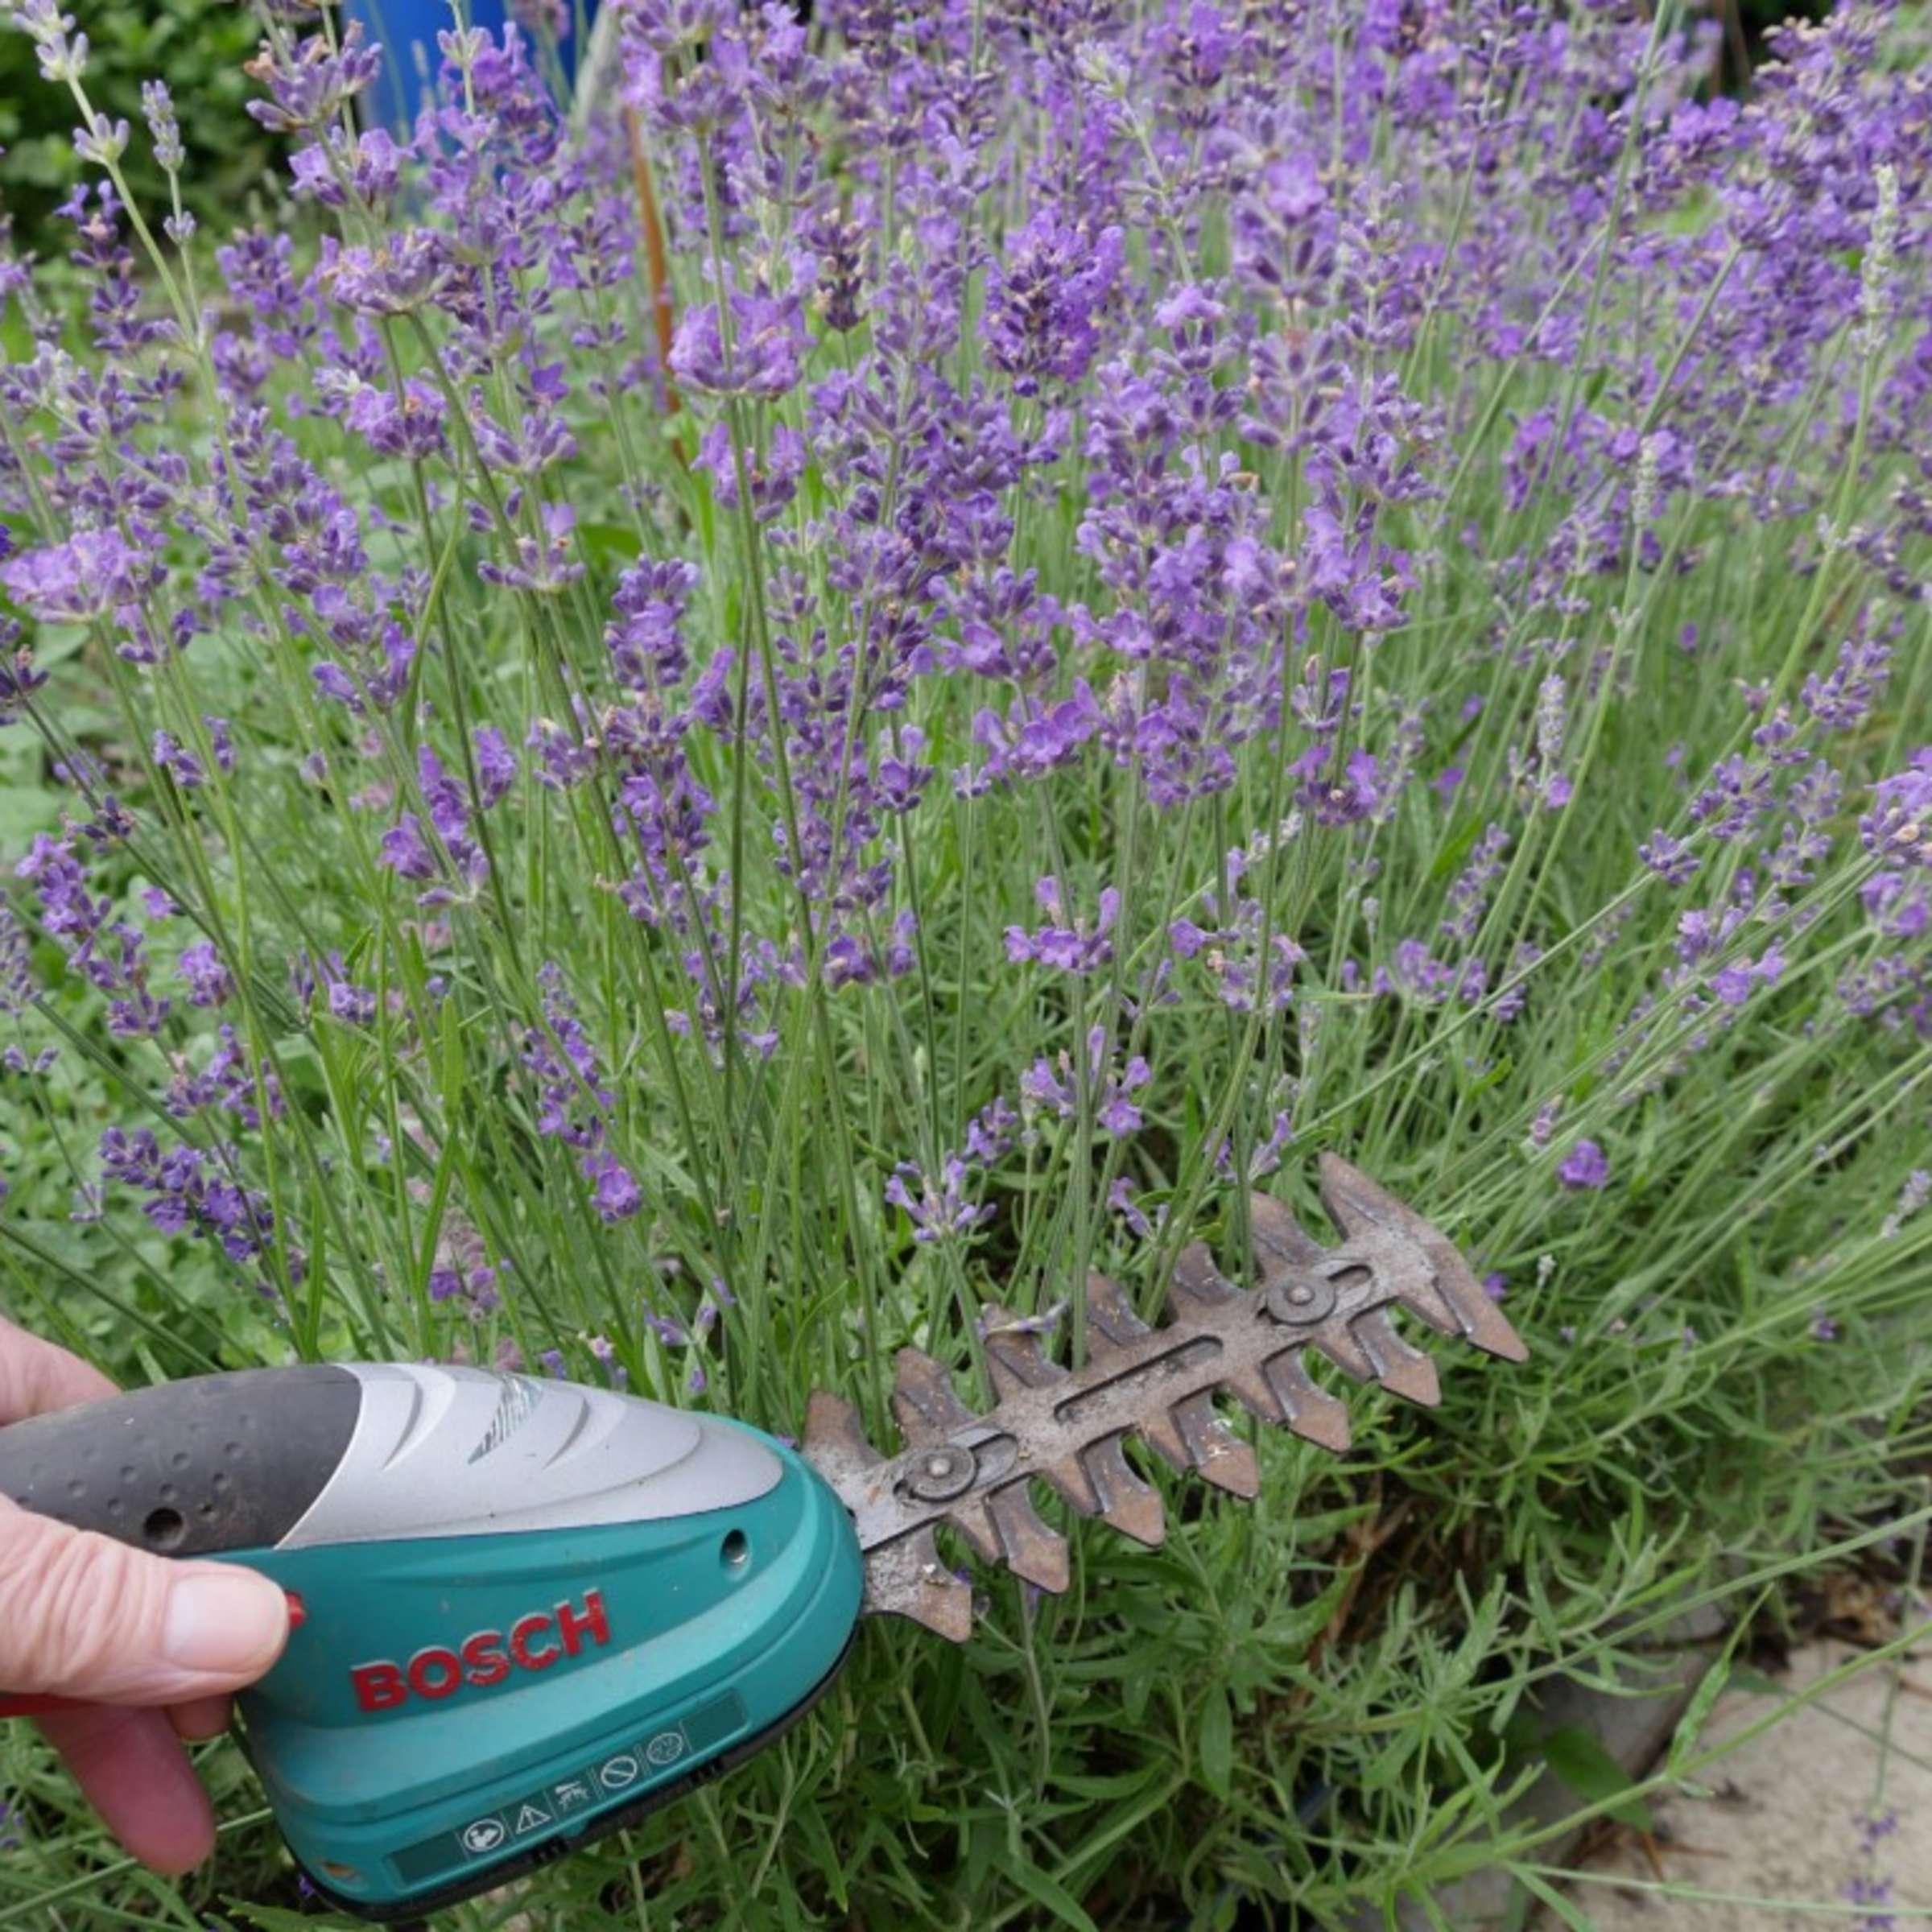 Lavendel Schneiden Garten Experte Klaus Fischer Erklart Soest